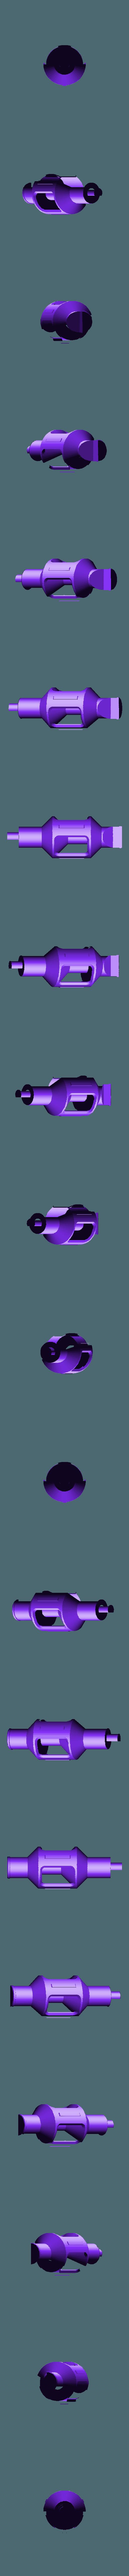 CSS-holder.stl Télécharger fichier STL gratuit Distributeur de soudure à manivelle à main • Objet imprimable en 3D, Adafruit